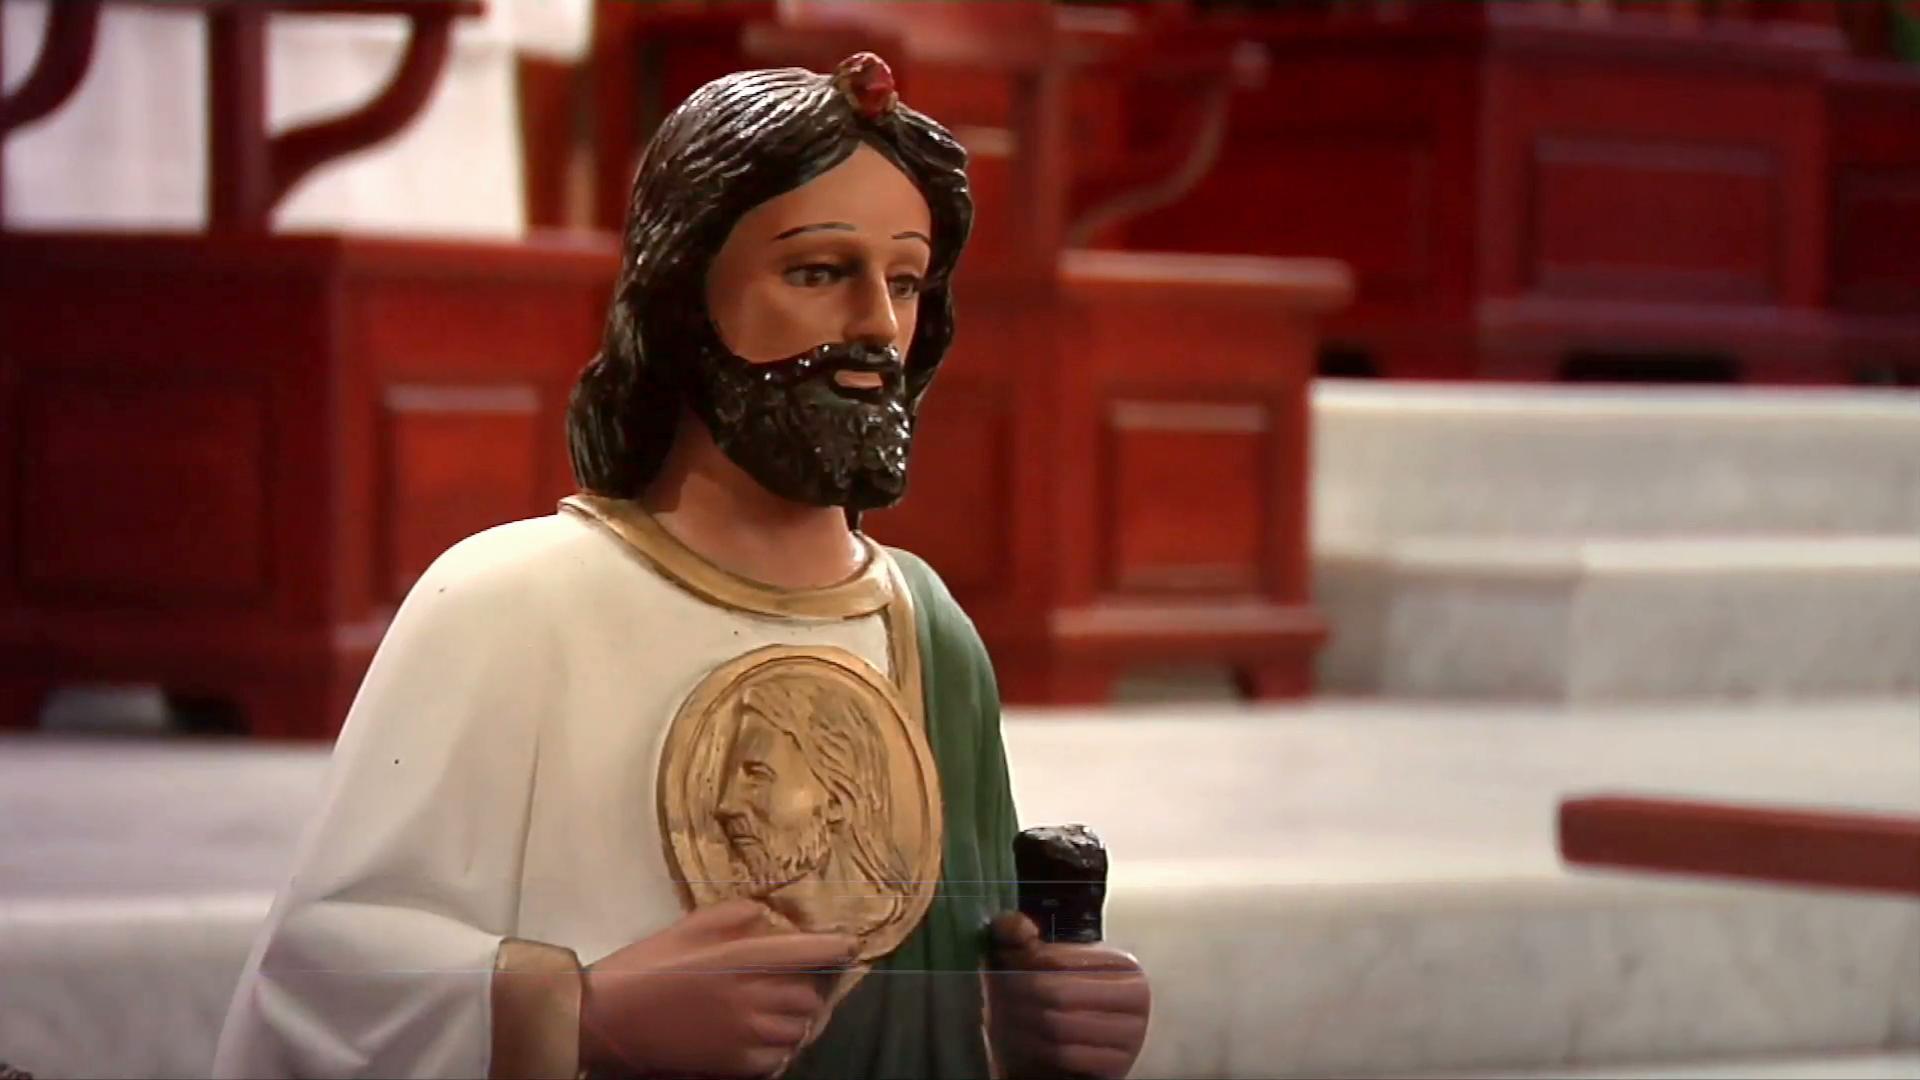 Este 28 de octubre se recordaron los símbolos en las imágenes de San Judas Tadeo